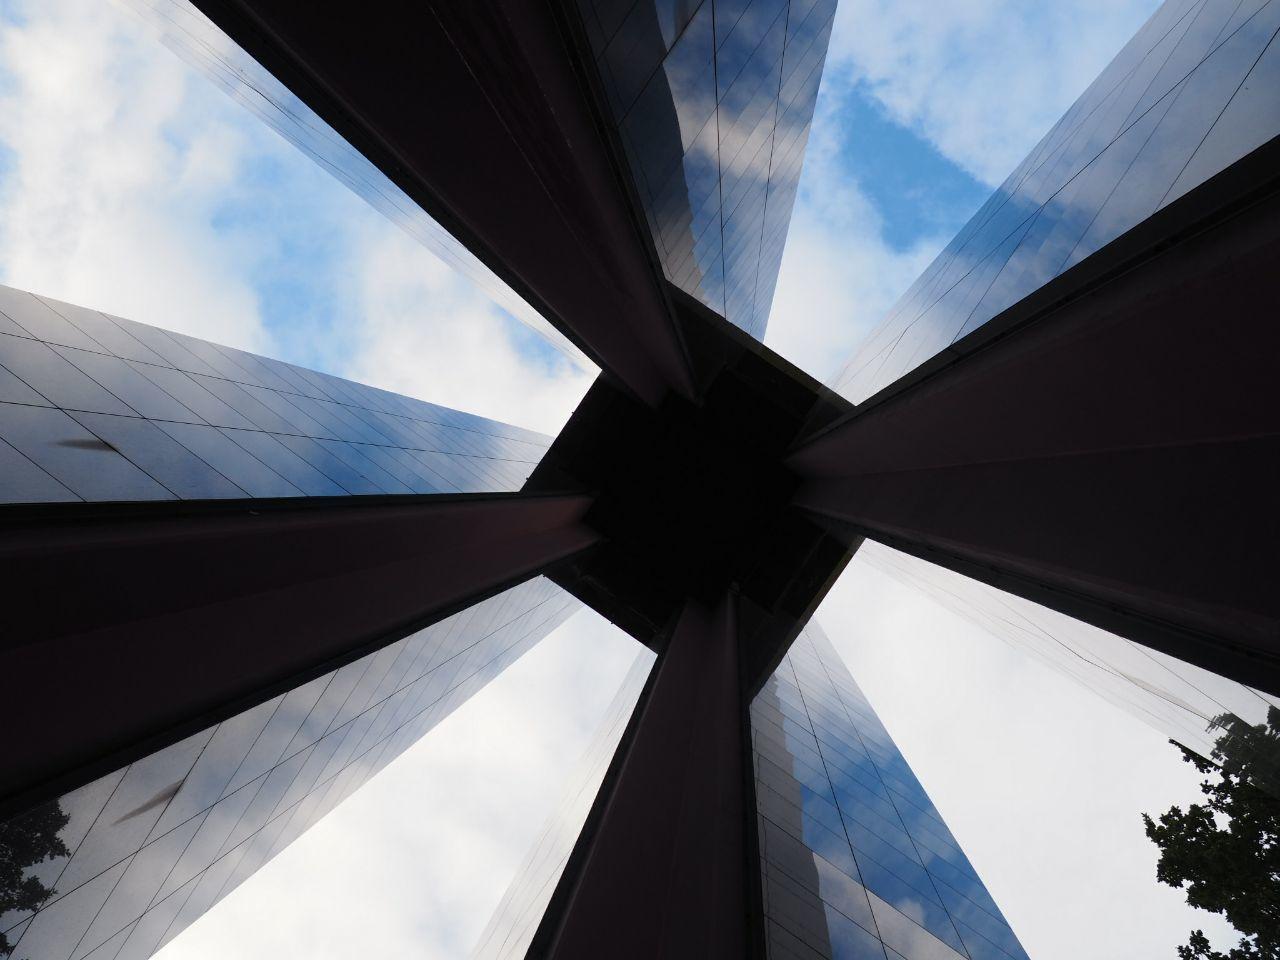 פינות לא מוכרות בברלין - מגדל הפעמונים בטירגארטן